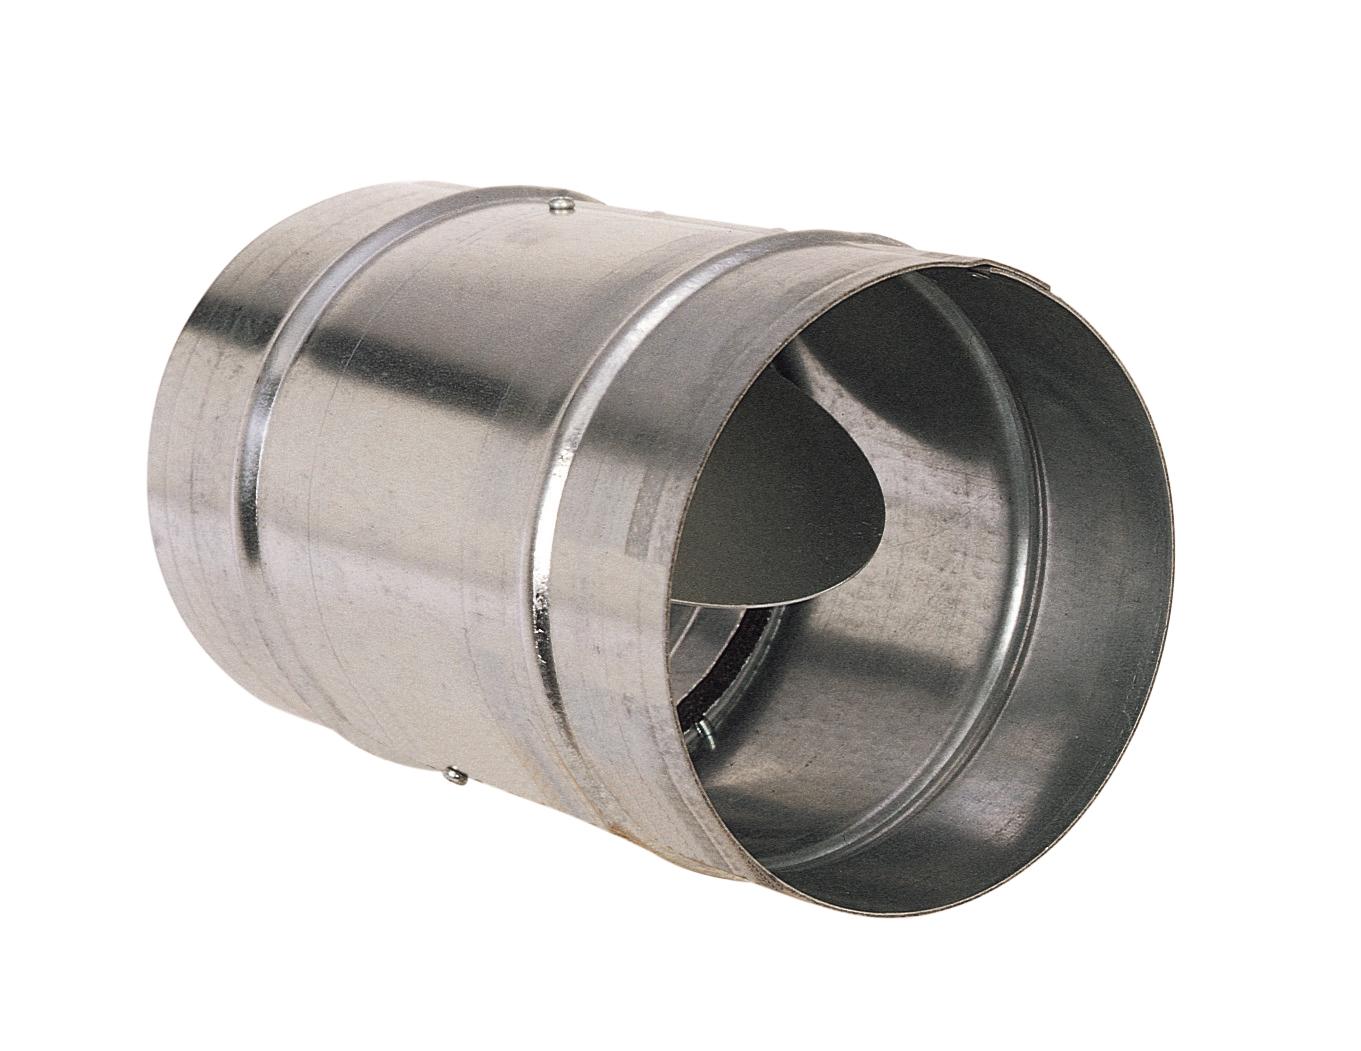 西邦工業 SEIHO CDA225K 受注生産 ダンパー(逆風防止ダンパー) ダクト接続型 逆風防止ダンパー(チャッキダンパー)